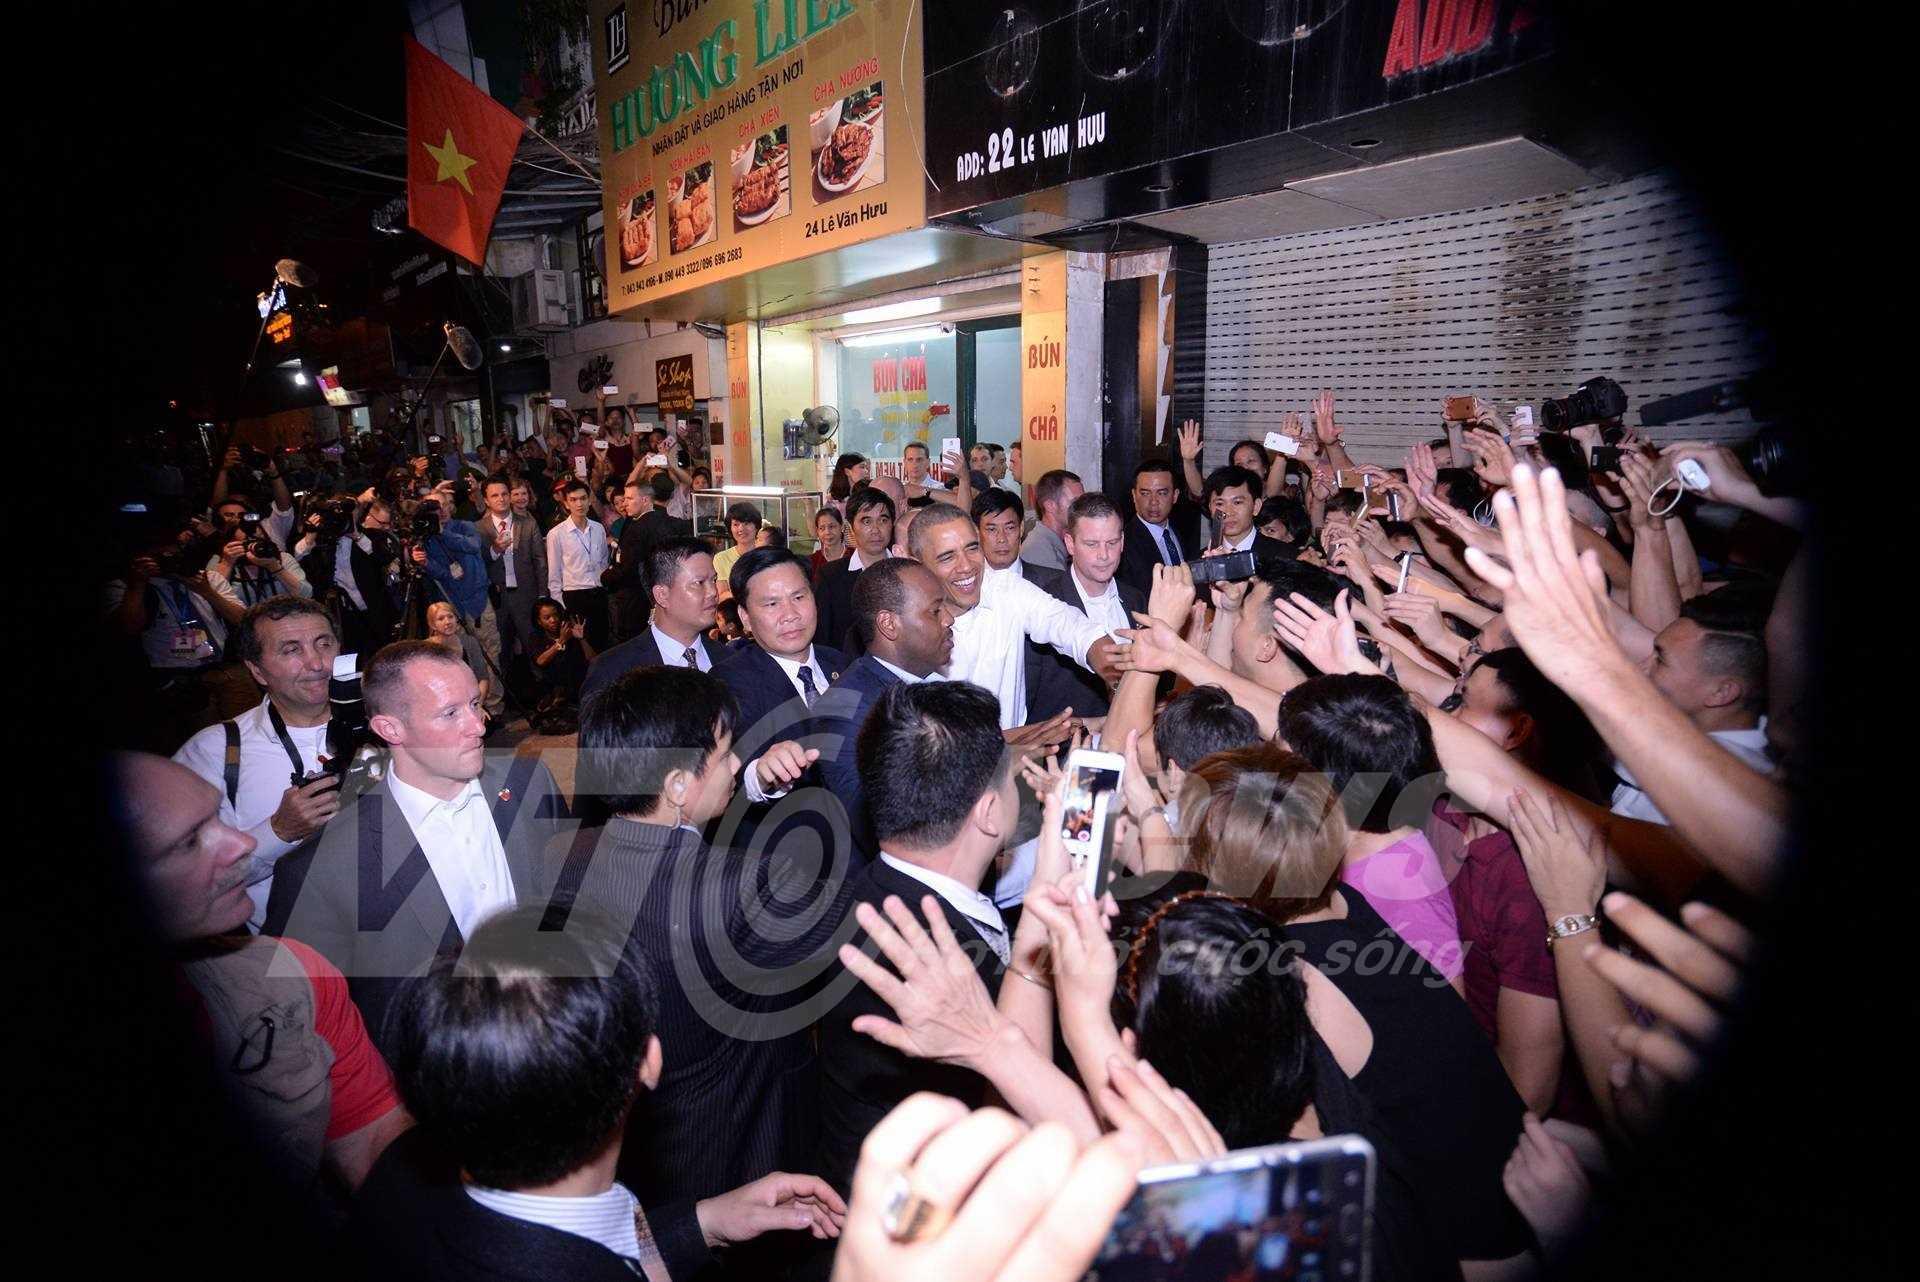 Trước đó, khoảng 20h tối 23/5, tổng thống Obama bất ngờ xuất hiện trên phố Lê Văn Hưu (ảnh Tùng Đinh)